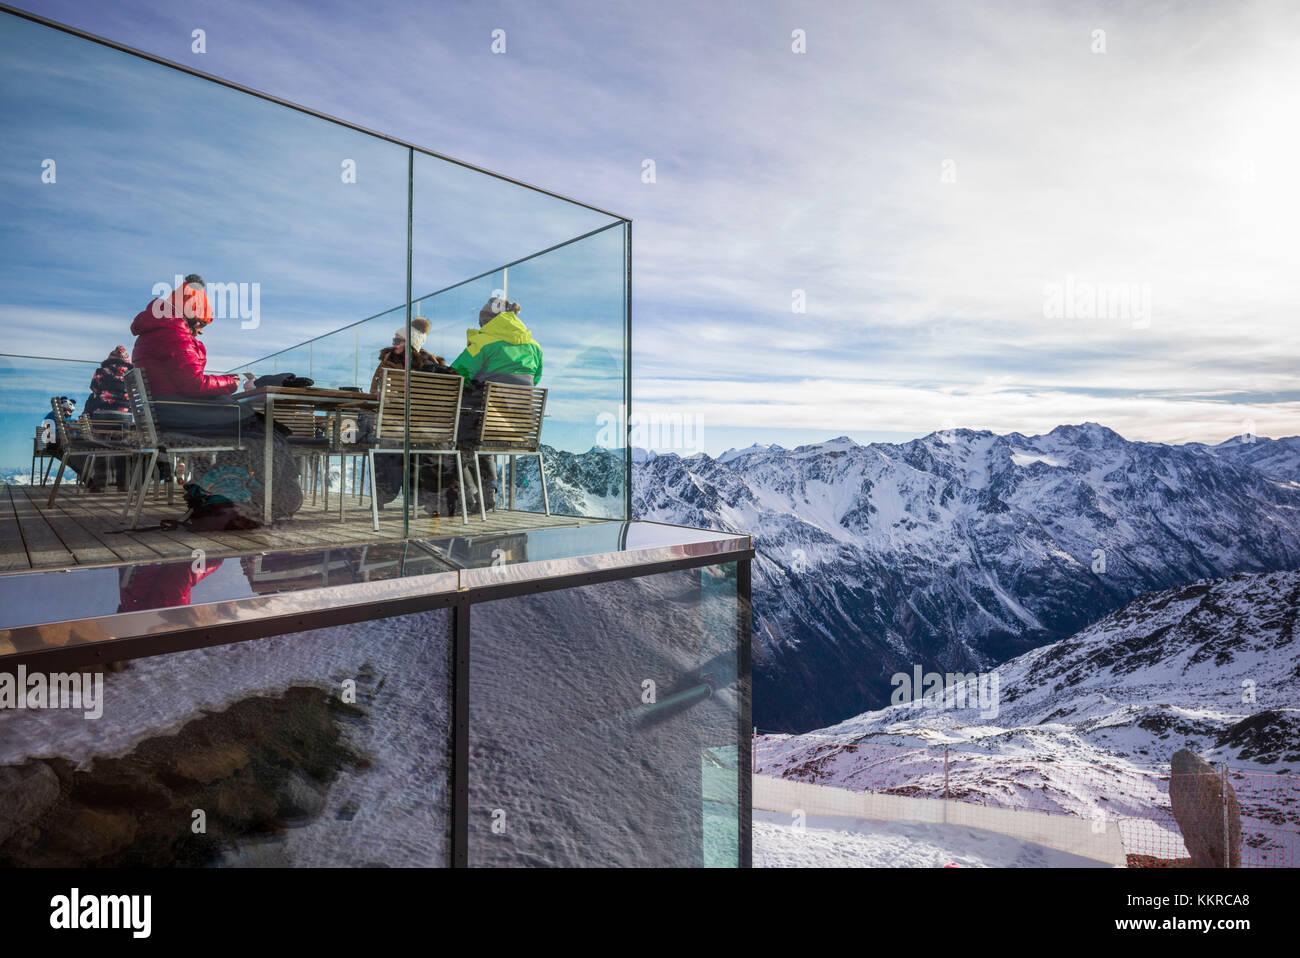 L'Autriche, le Tyrol, l'otztal, gaislachkogl, solden ski mountain, 3058, l'altitude du sommet de gaislachkogl Photo Stock